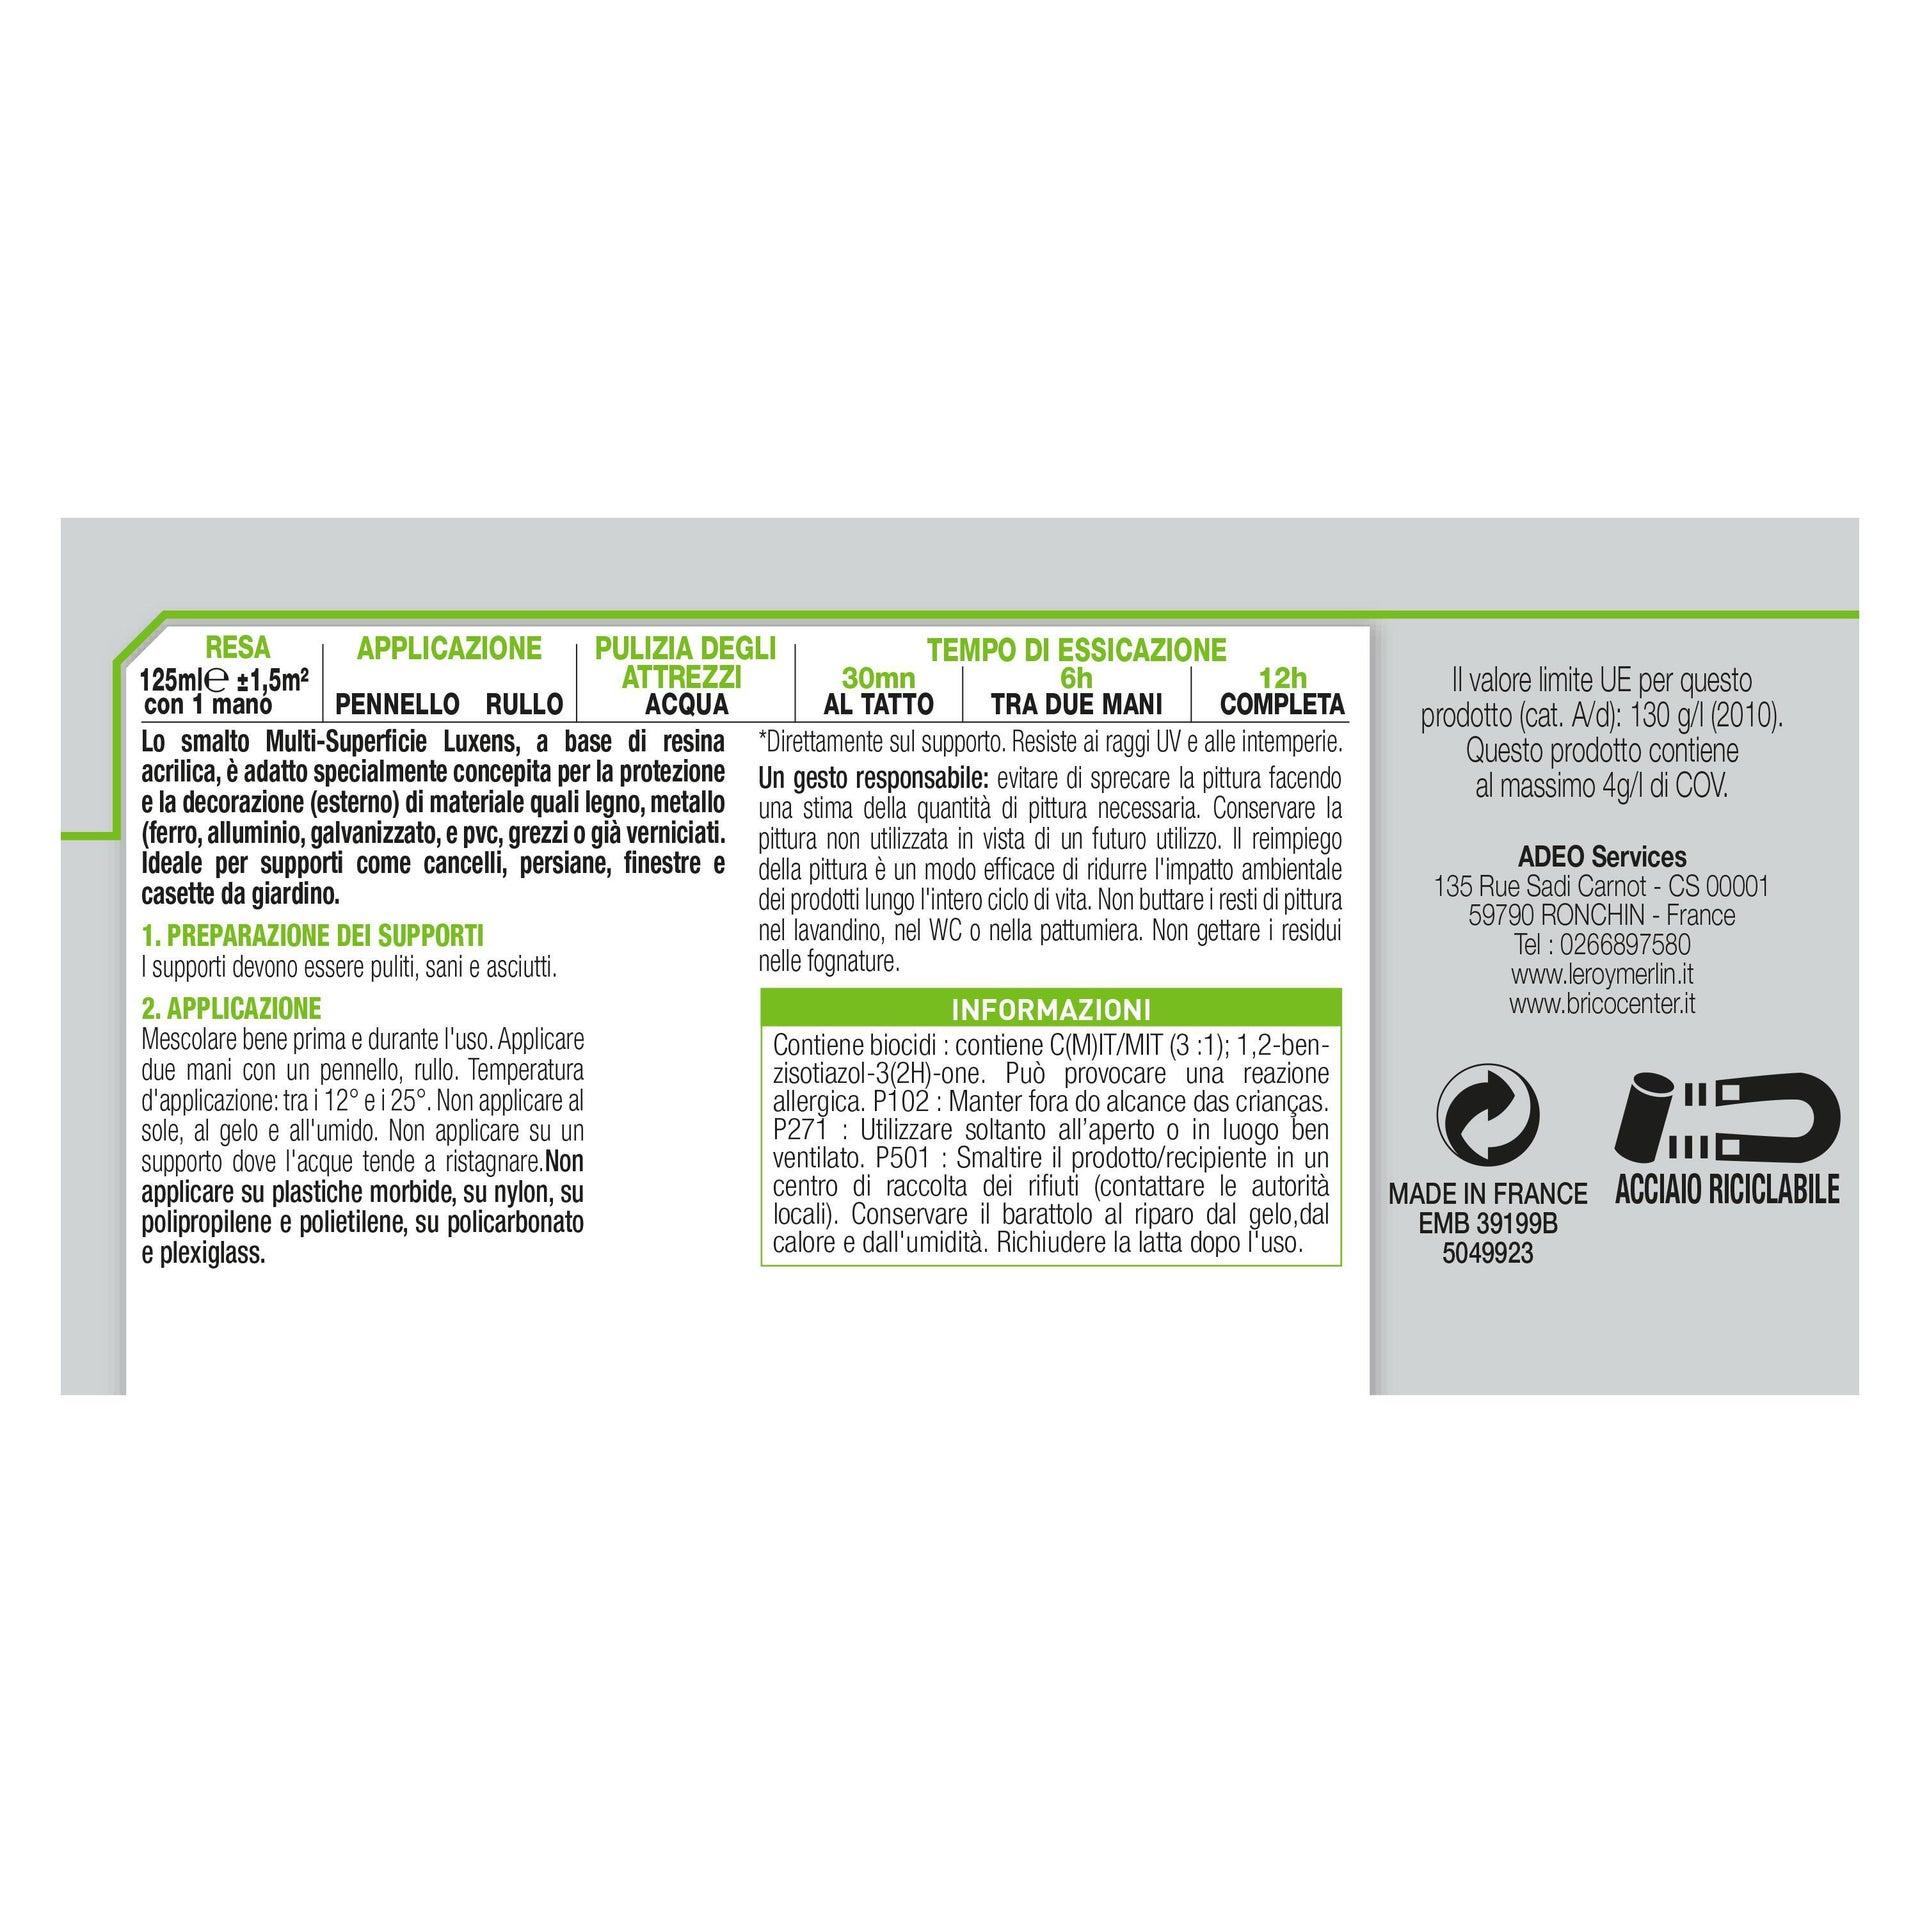 Pittura LUXENS acrilico bianco ral9016 0.125 L - 6